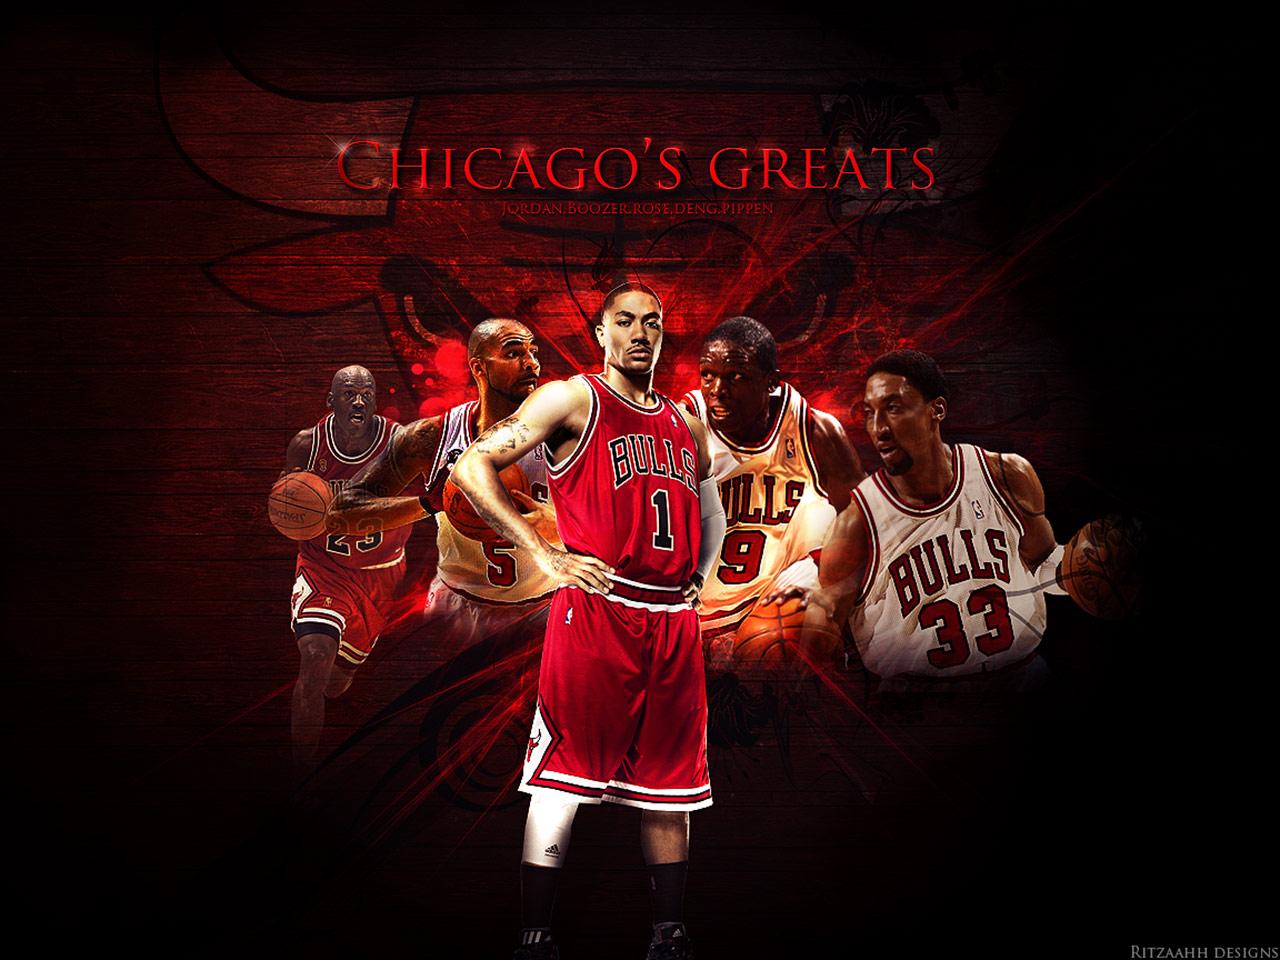 http://1.bp.blogspot.com/-W7zH6-e6VkA/TmSKV034SEI/AAAAAAAAAbM/cEmhB7cmR18/s1600/Chicago-Bulls-Greats-Wallpaper.jpg